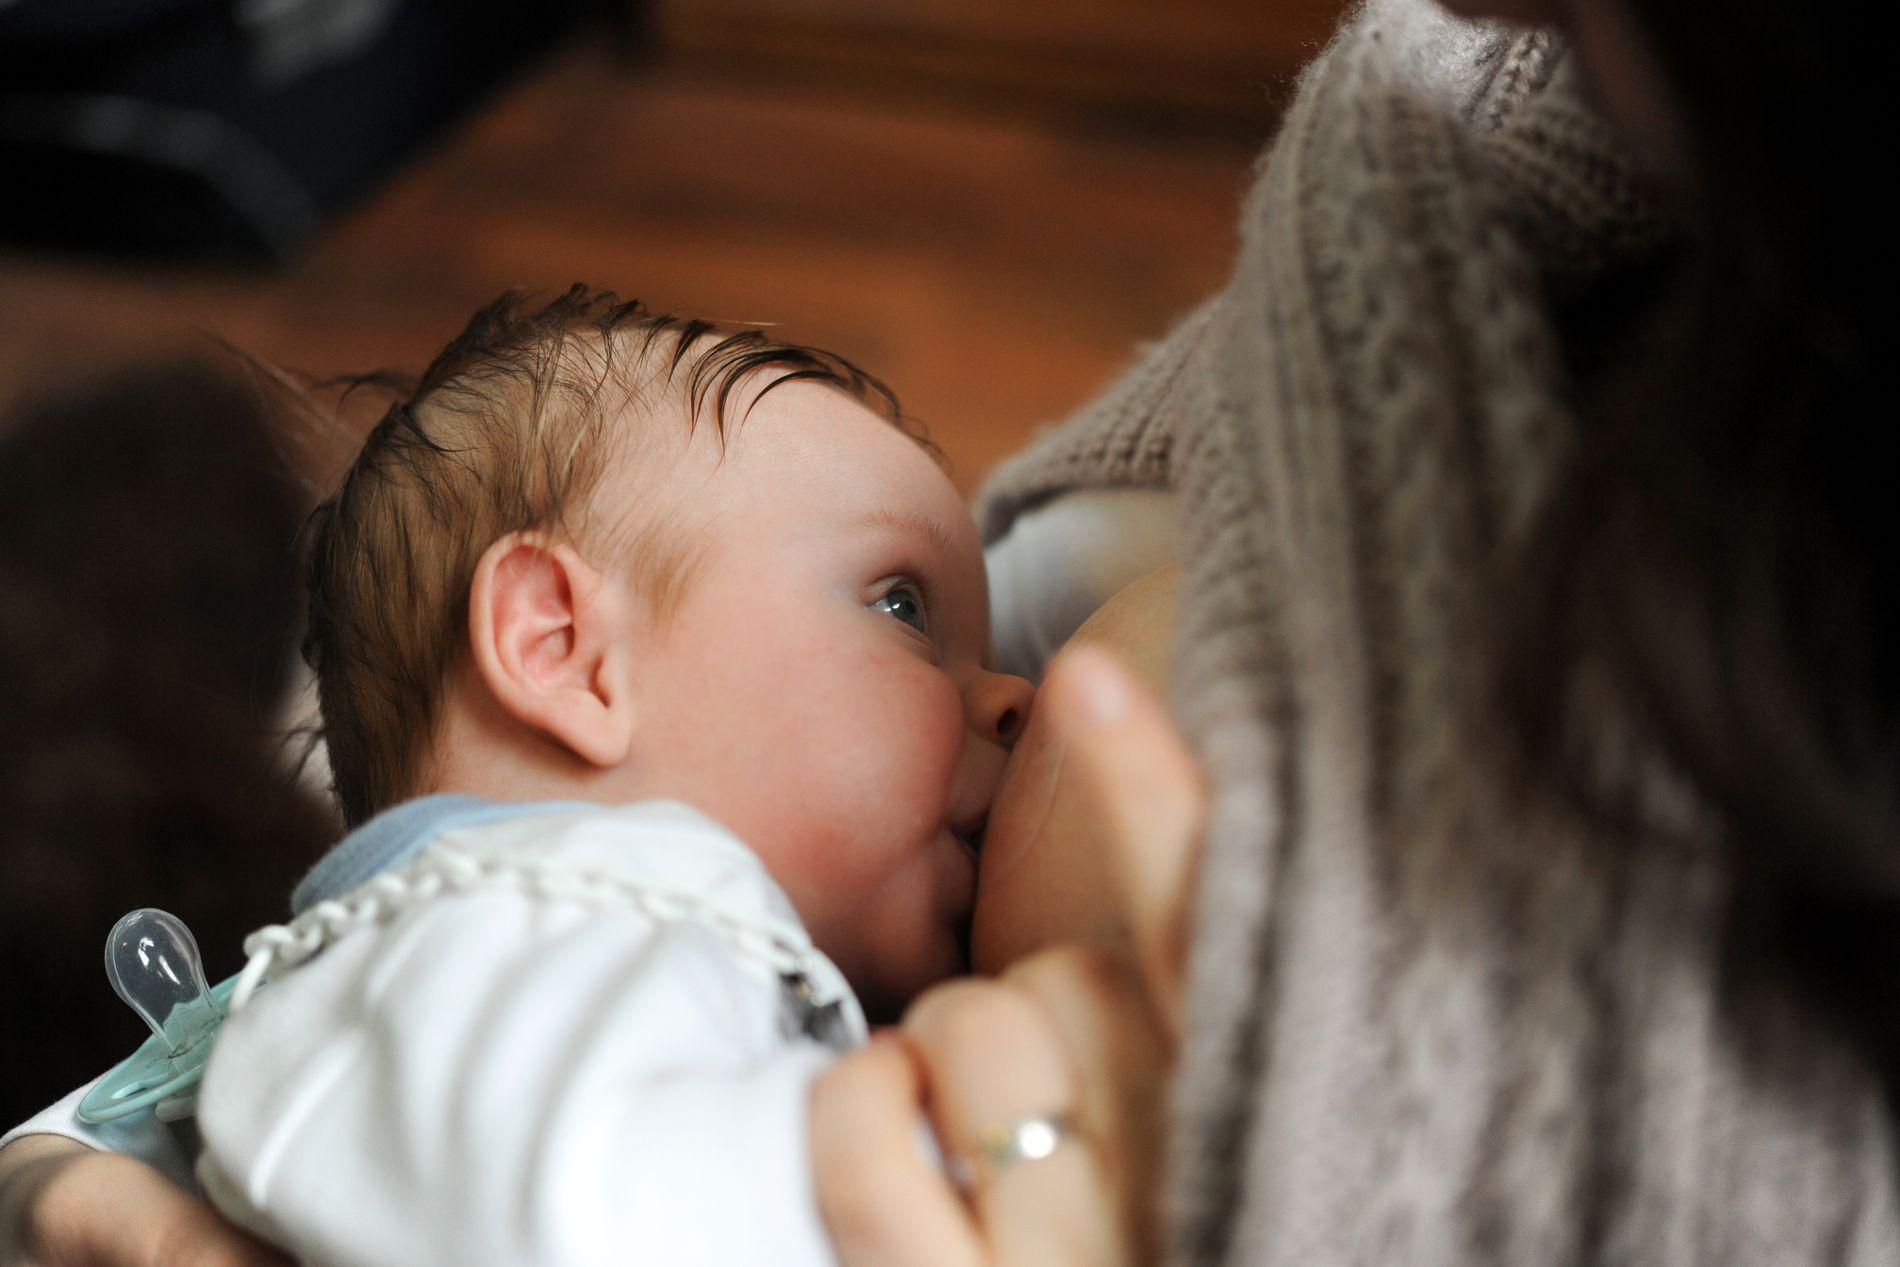 URETTFERDIG: Vedtaket om å inkludere tida rett etter fødsel i mødrepermisjonen er urettferdig for kvinner, som ber ei stor belastning i tida rundt fødselen, meiner Bergens Tidende.